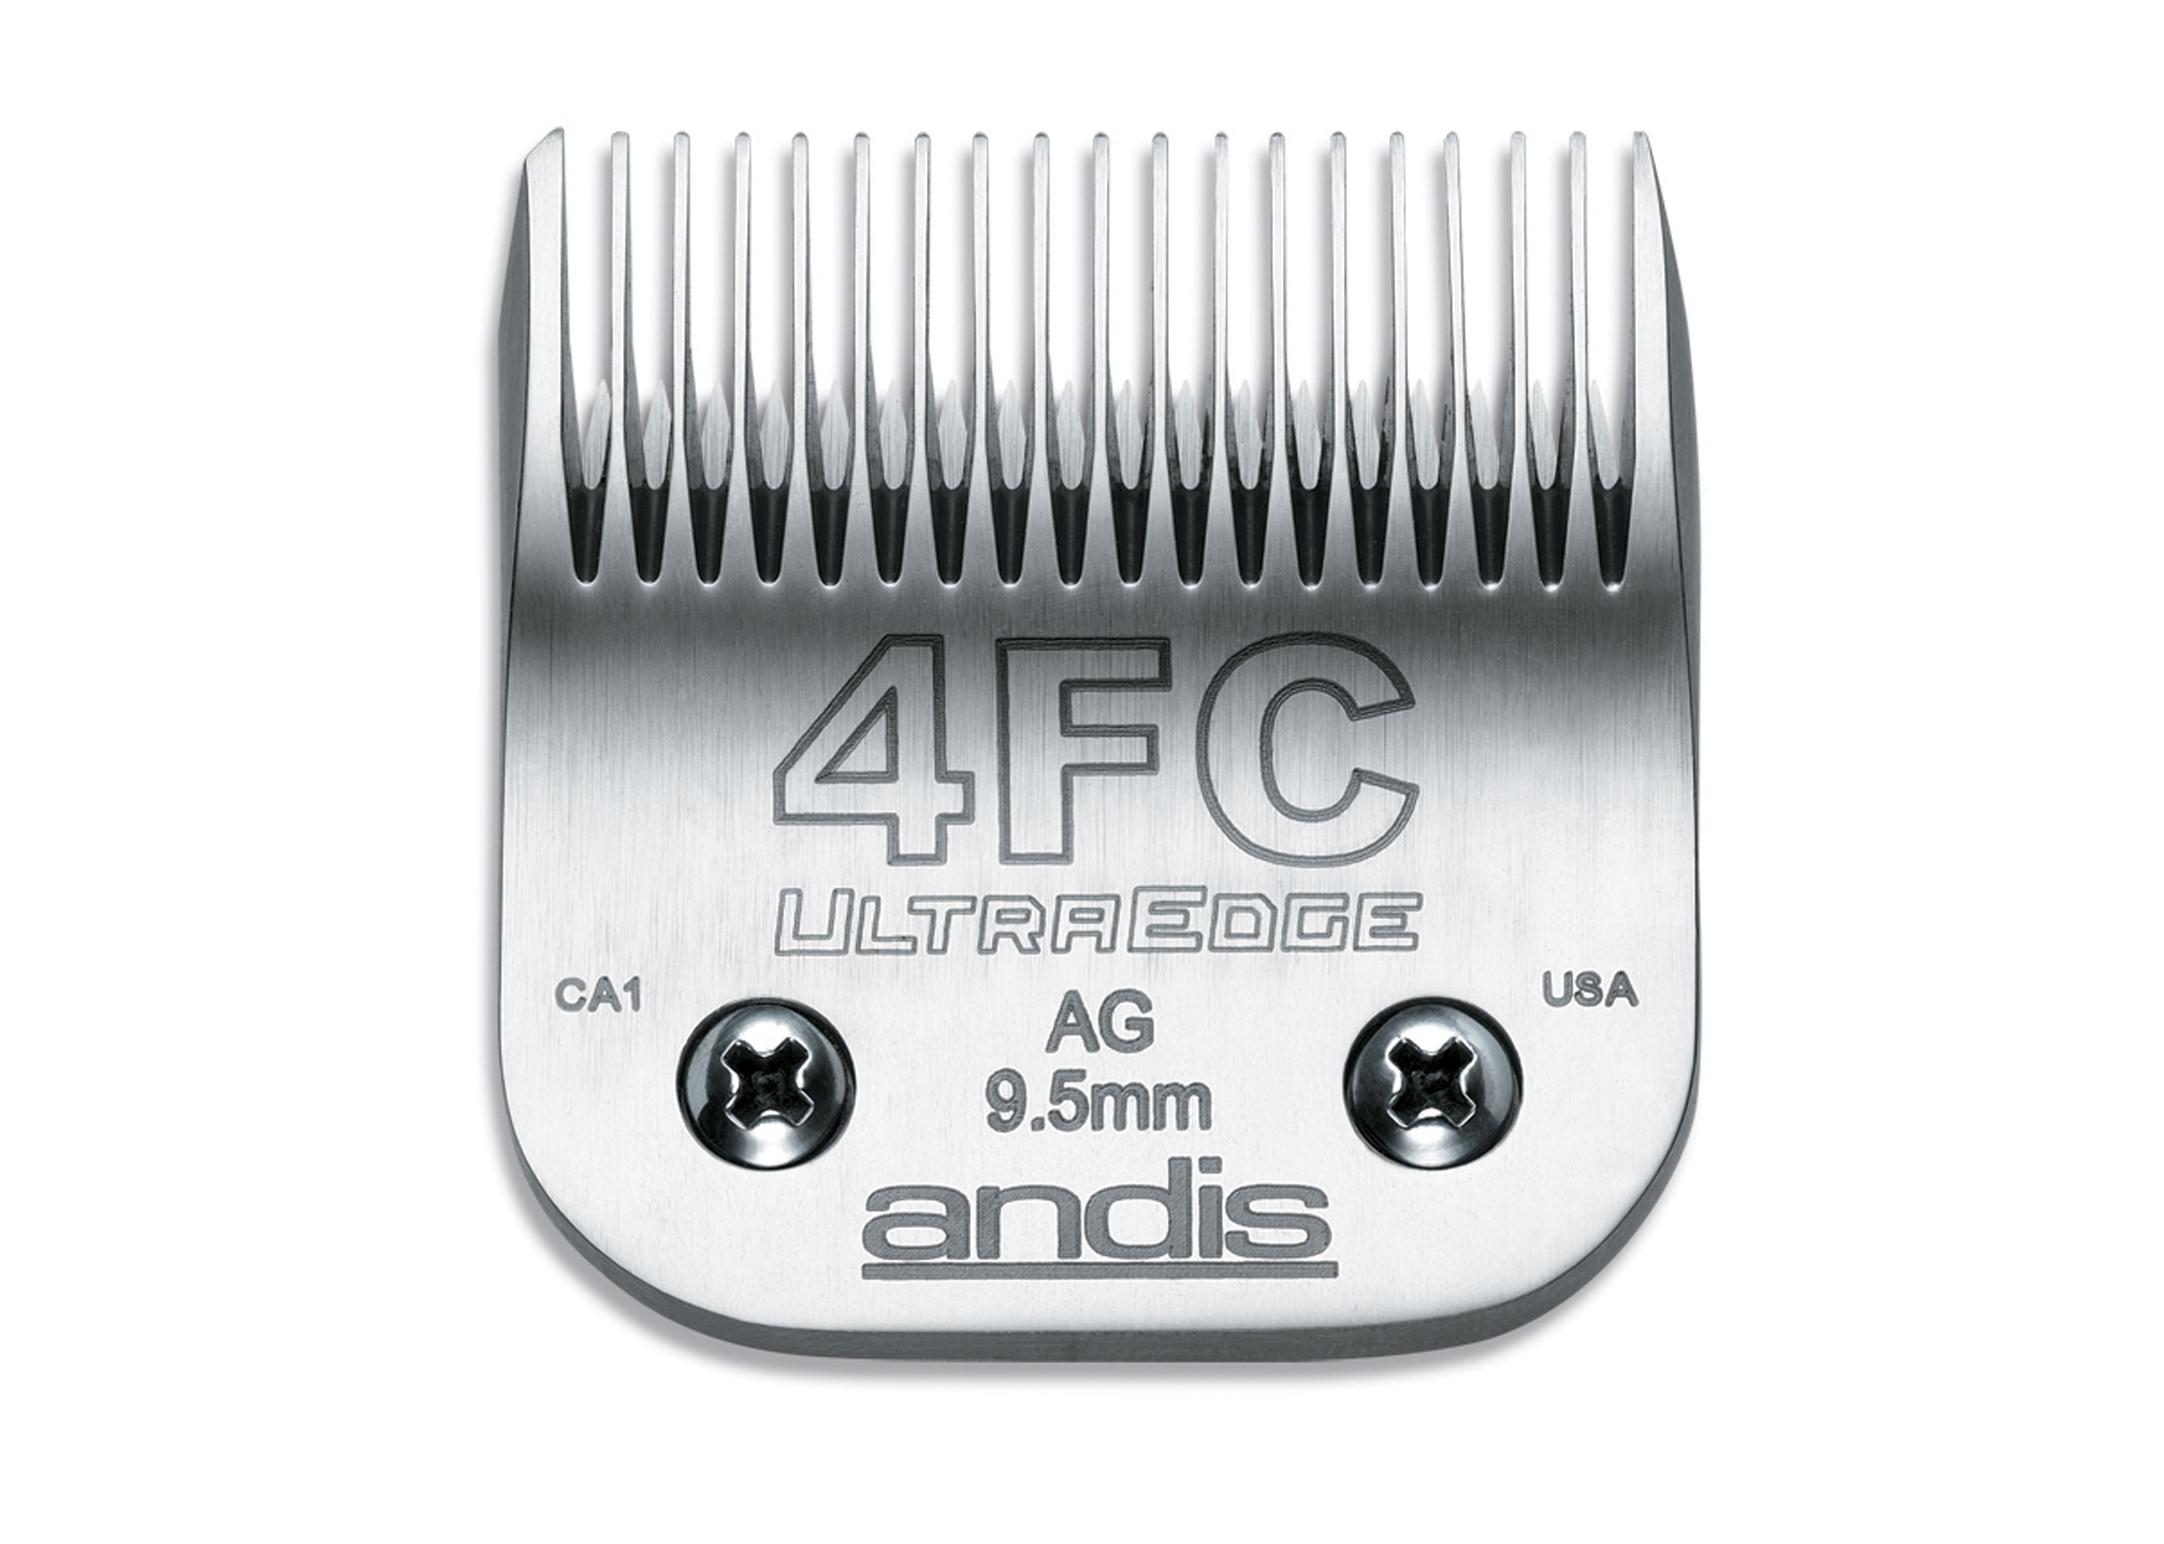 Andis Scheerkop #4FC - 9,5 mm